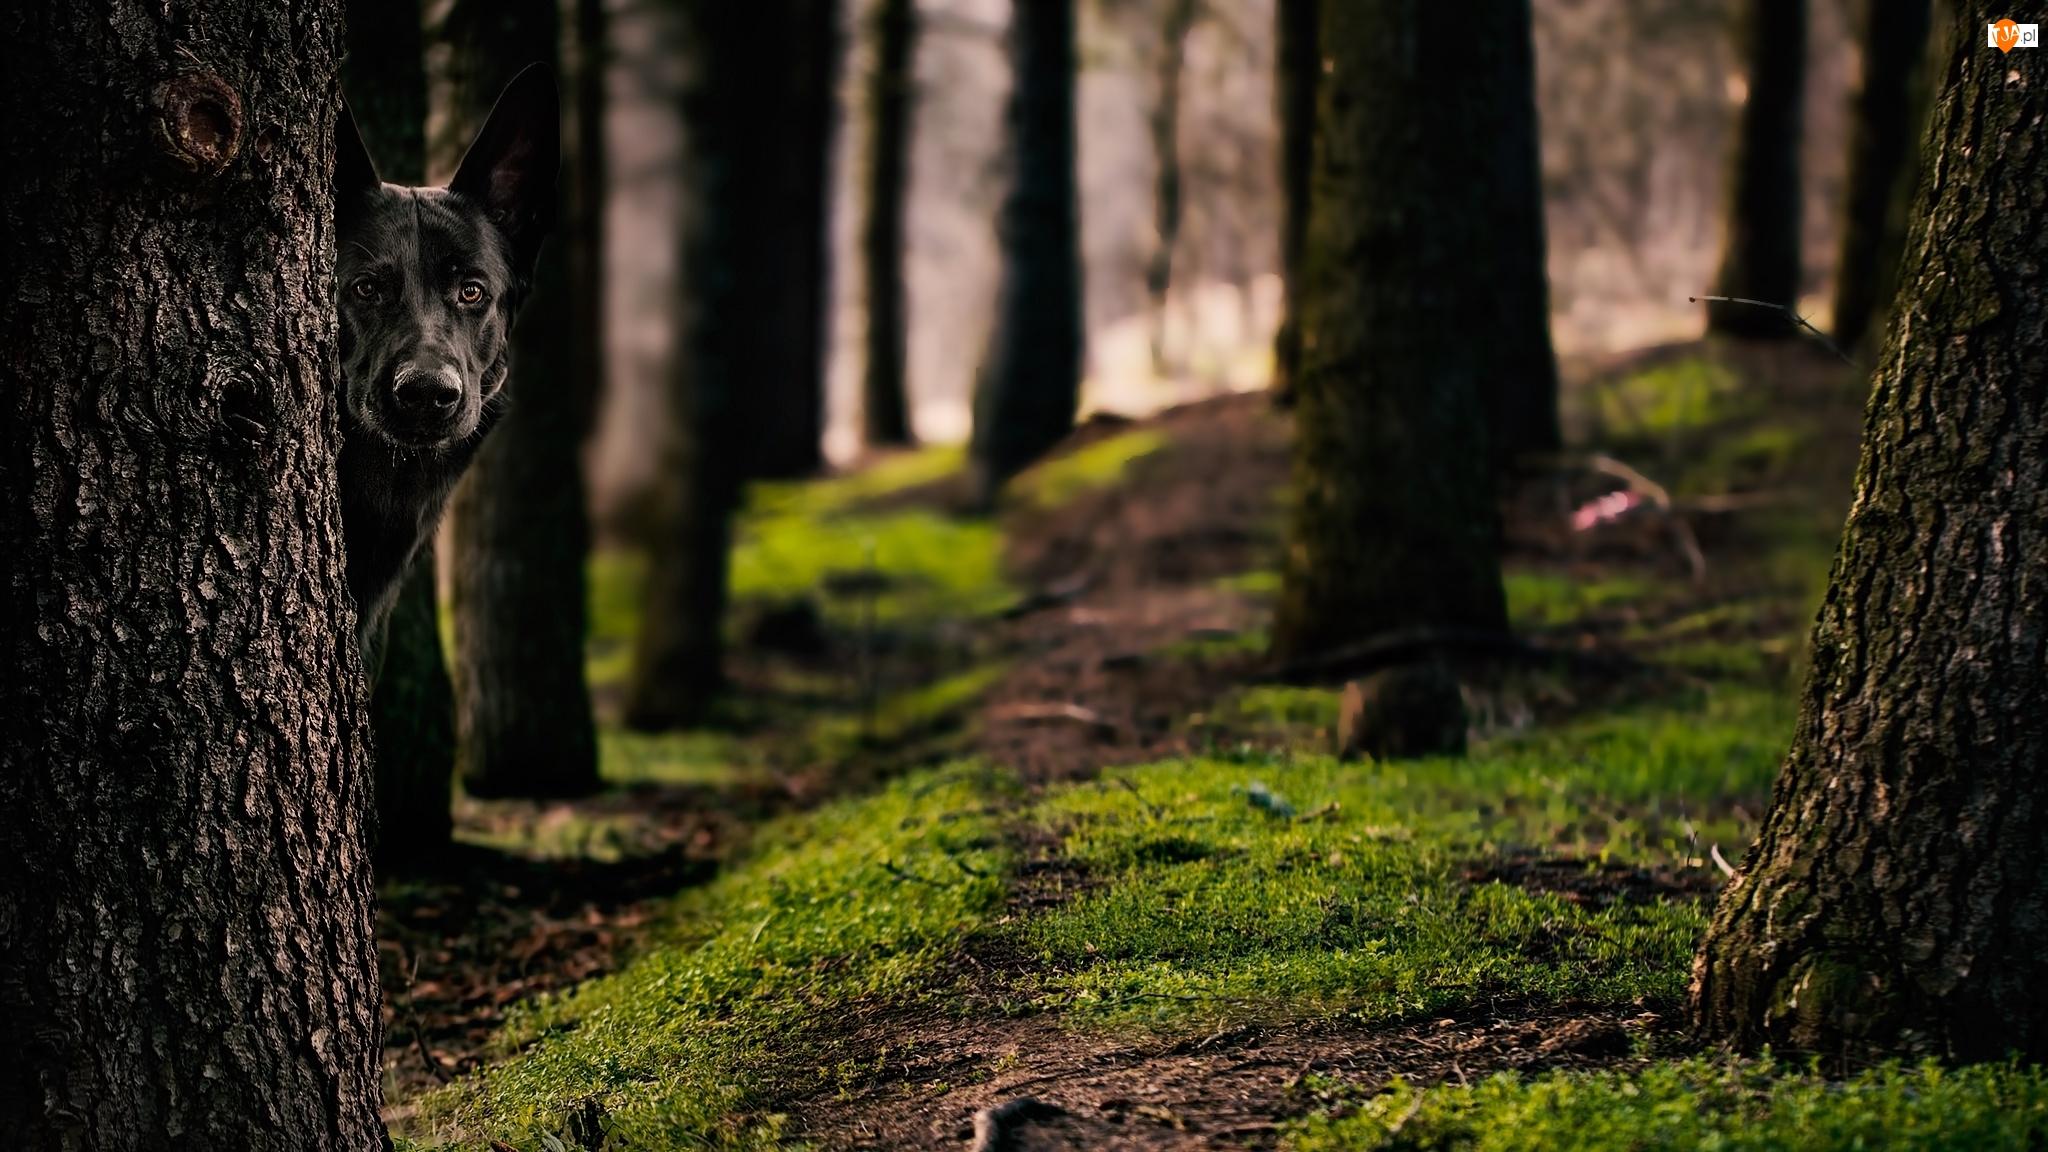 Czarny owczarek niemiecki, Las, Drzewa